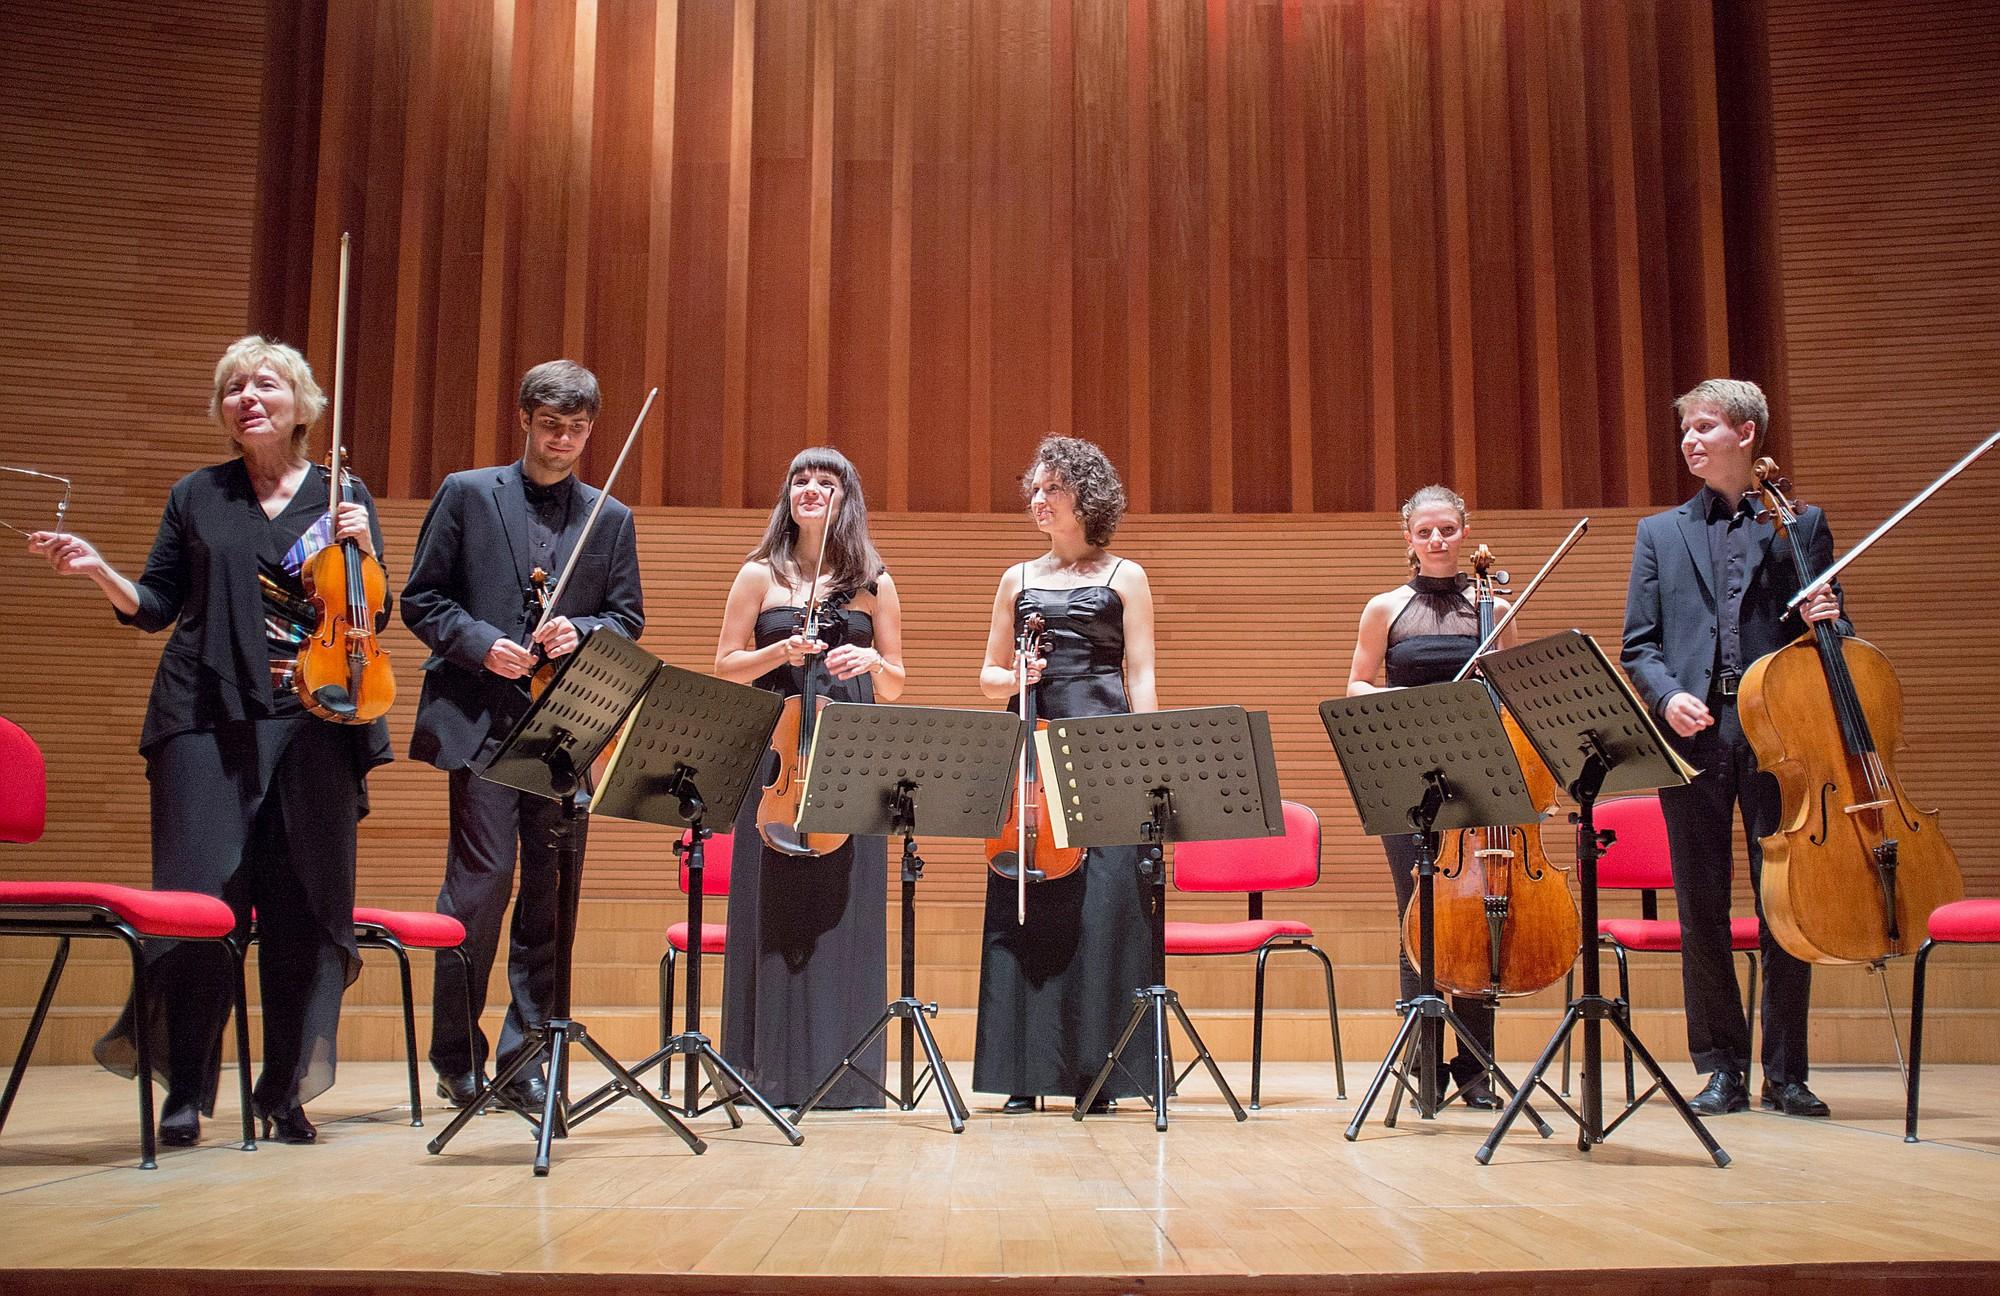 Wiener Kammermusikgruppe w Koncercie Inauguracyjnym w Sali Koncertowej Akademii Muzycznej w Katowicach (źródło: materiały prasowe organizatora)